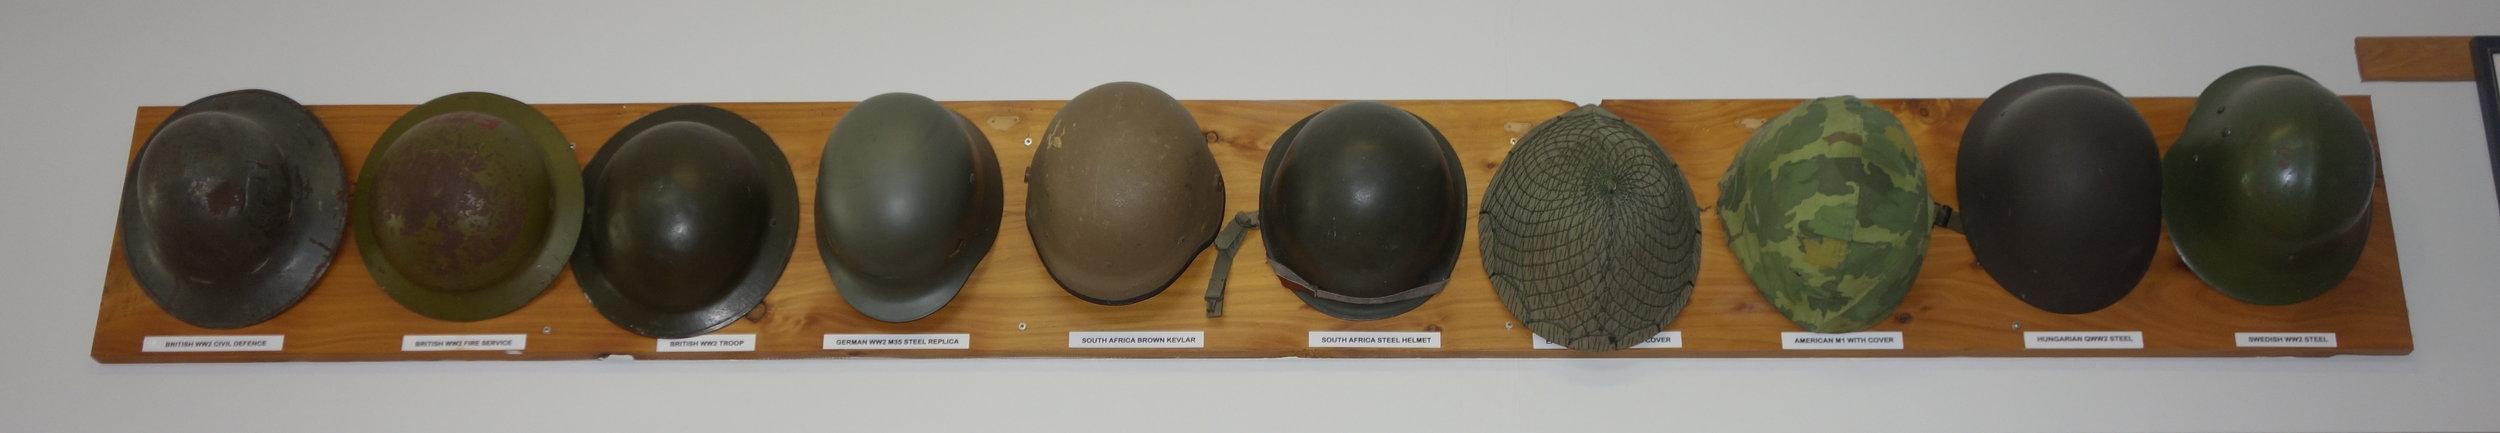 RSA helmets